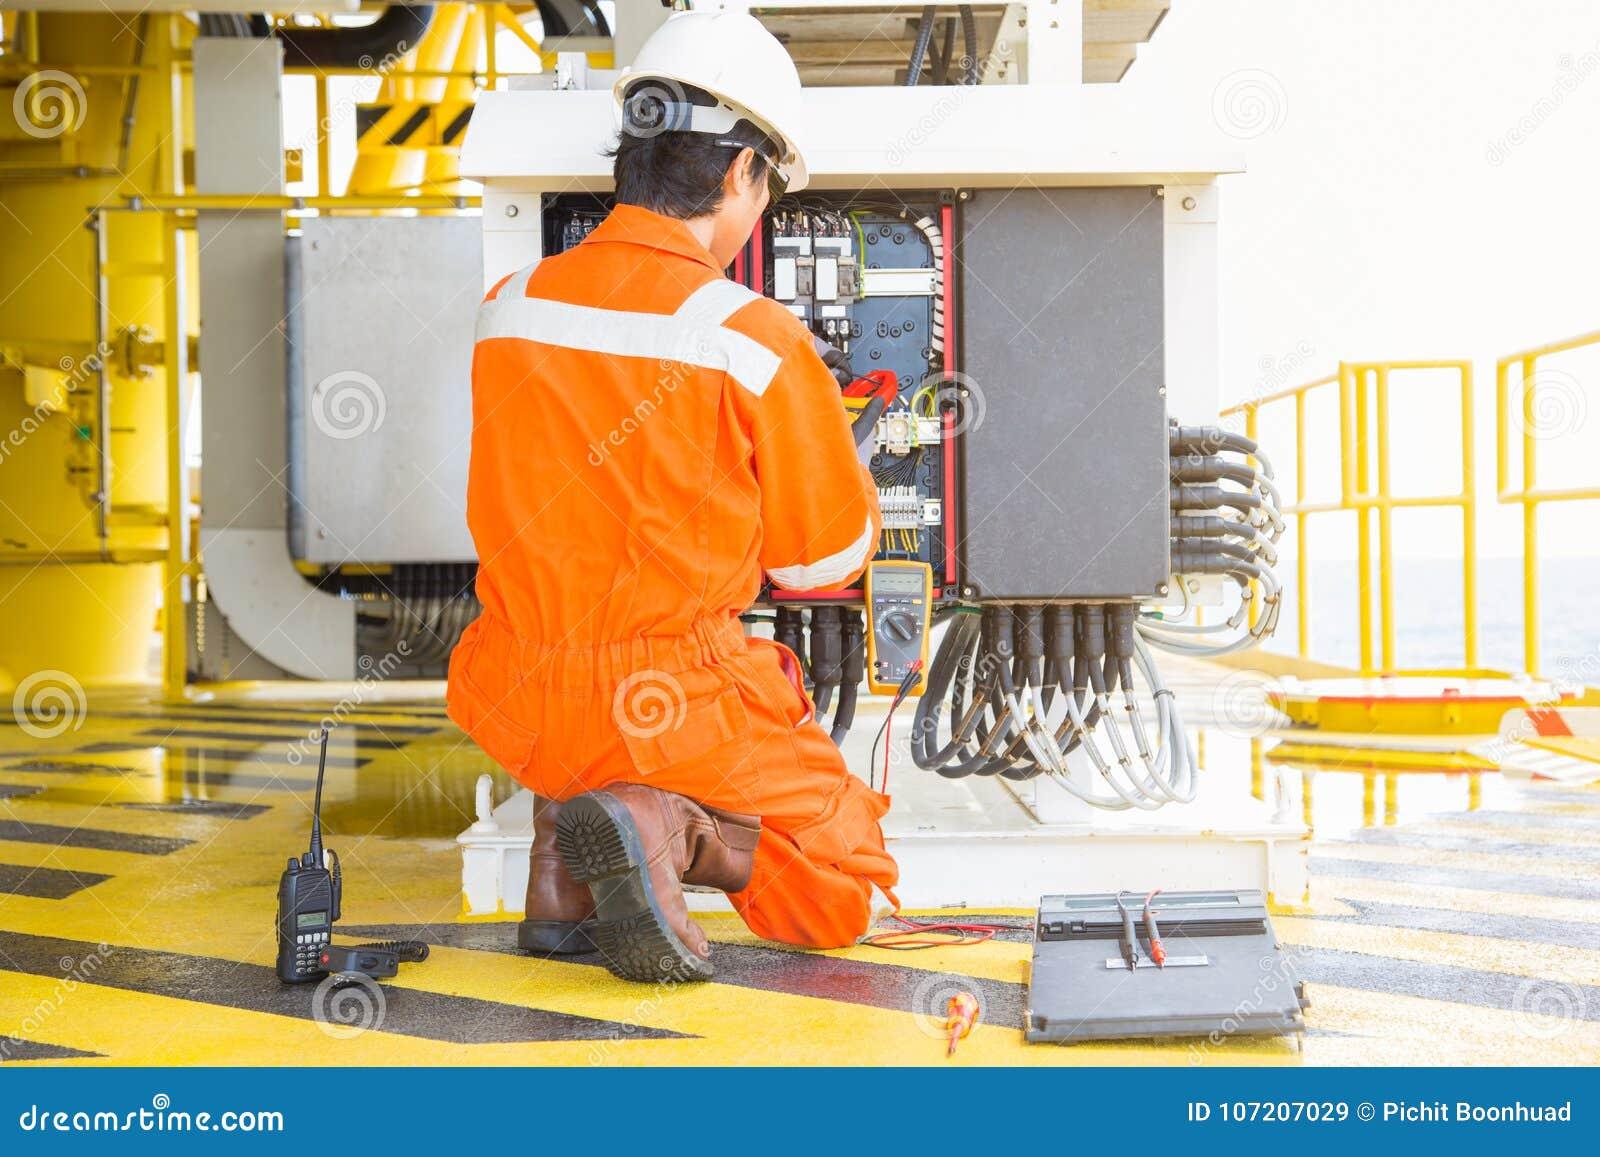 O trabalhador bonde e do instrumento inspeciona e verificando a tensão e a corrente do sistema bonde na plataforma de petróleo e